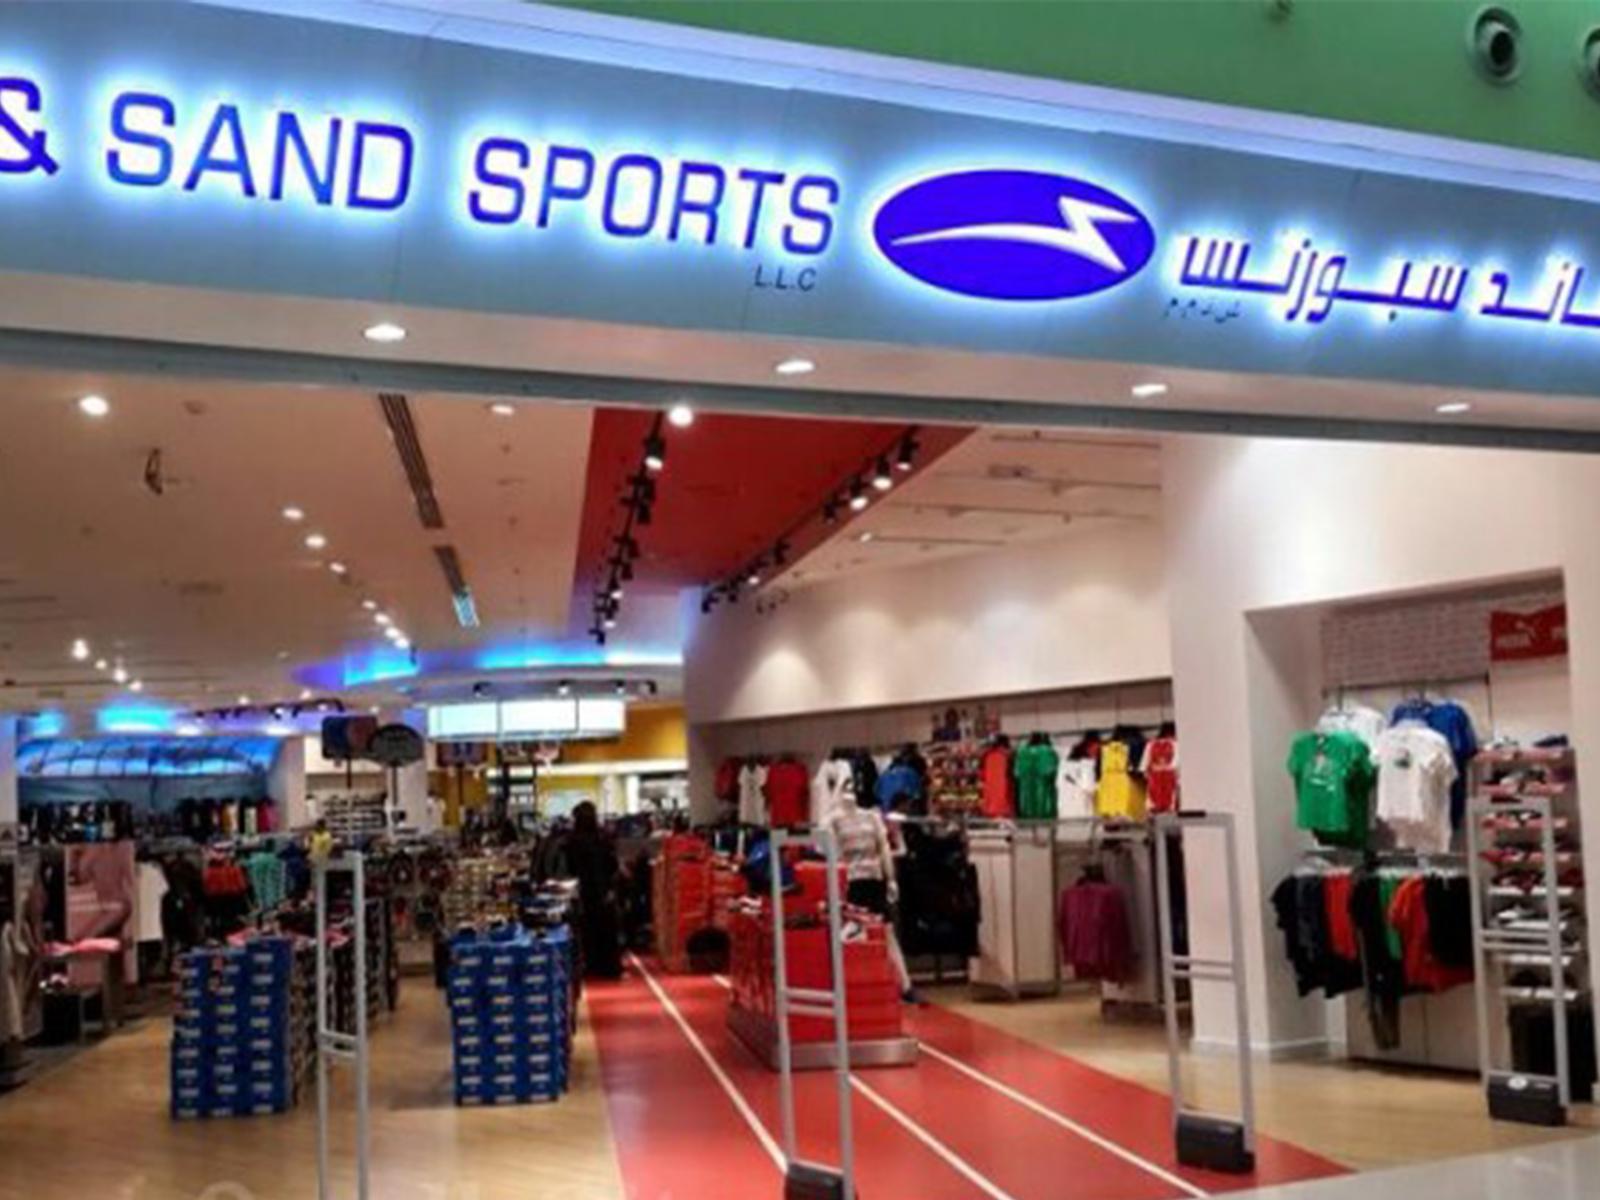 f478bff17 أكبر سلسلة متاجر للرياضة في الشرق الأوسط، حيث تضم أفضل الماركات والعلامات  التجارية المتخصصة بالرياضة واللياقة البدنية وأسلوب الحياة اليومية، أشهر  العلامات ...